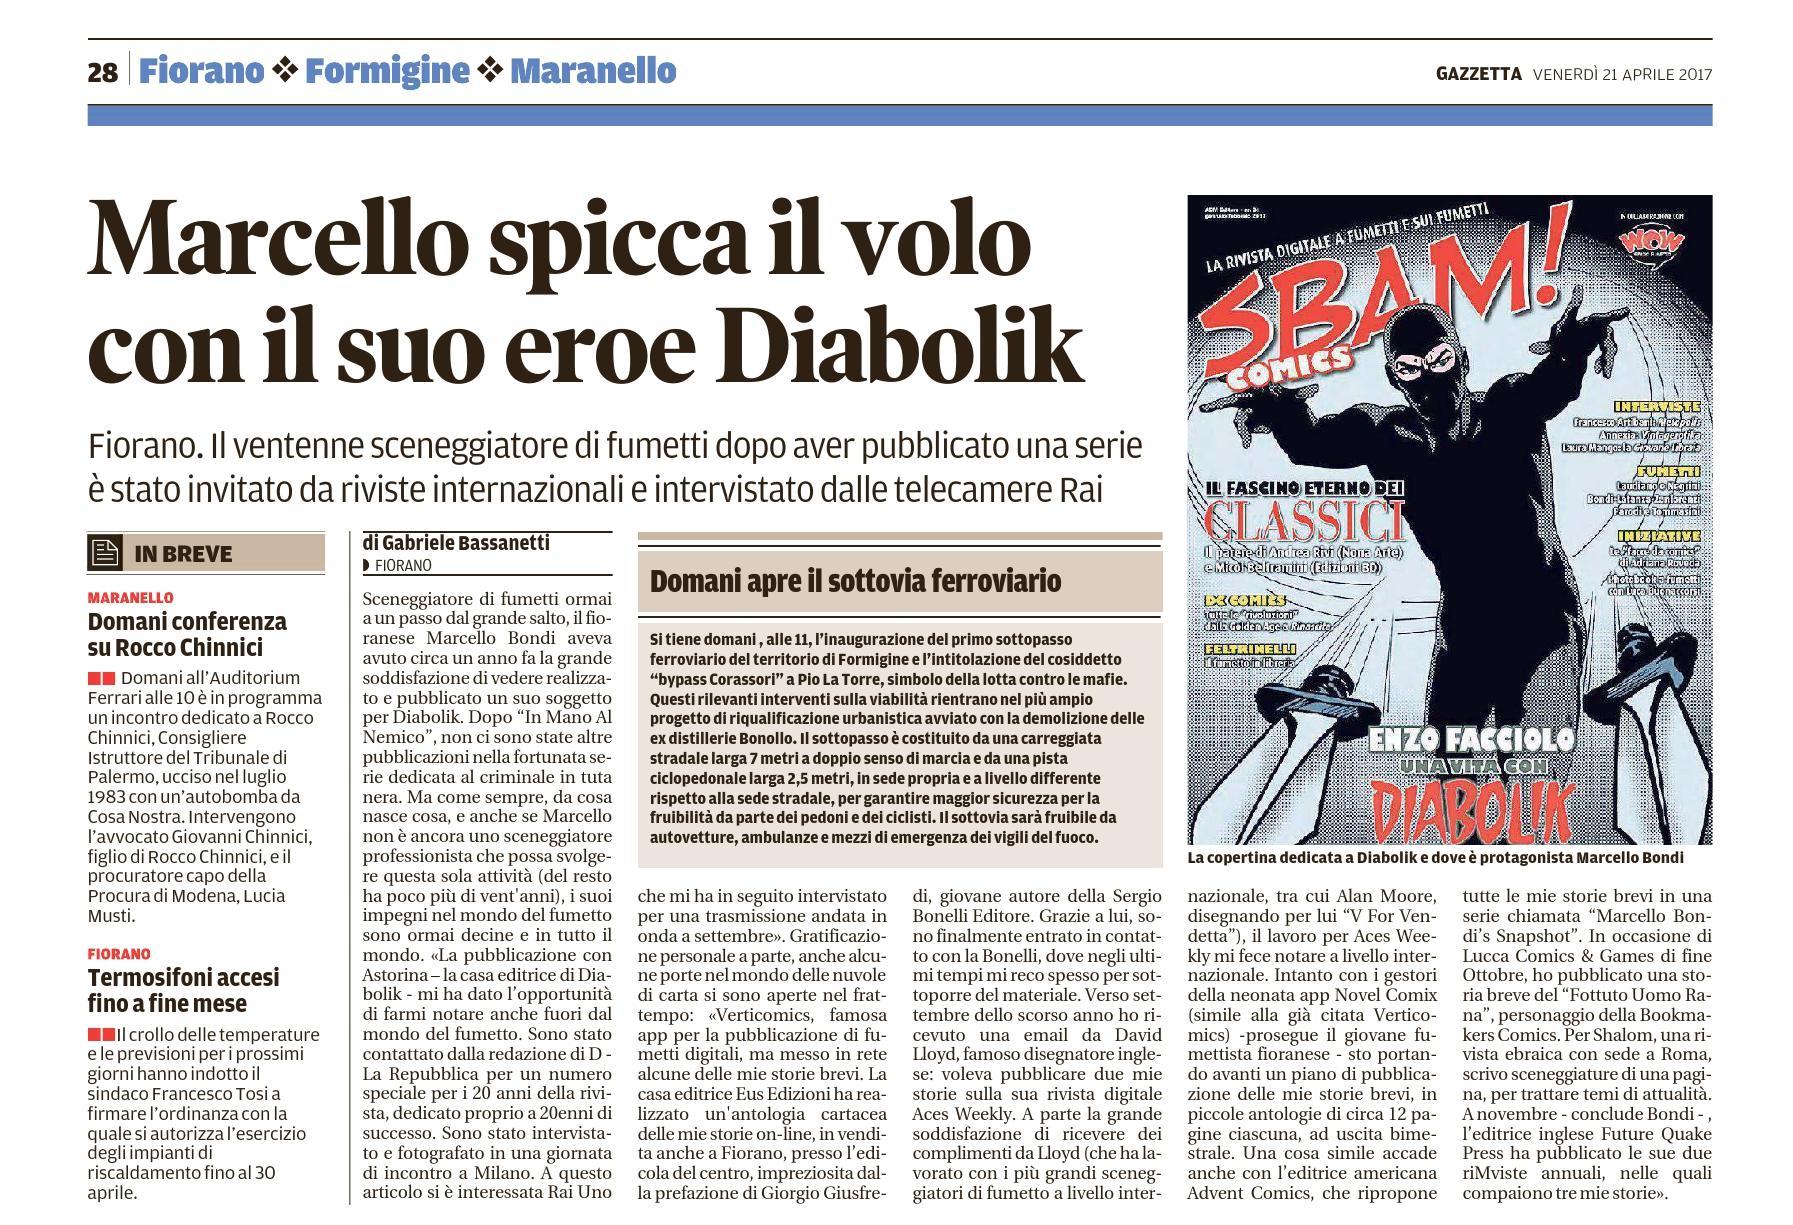 21 Aprile 2017 - Gazzetta Di Modena